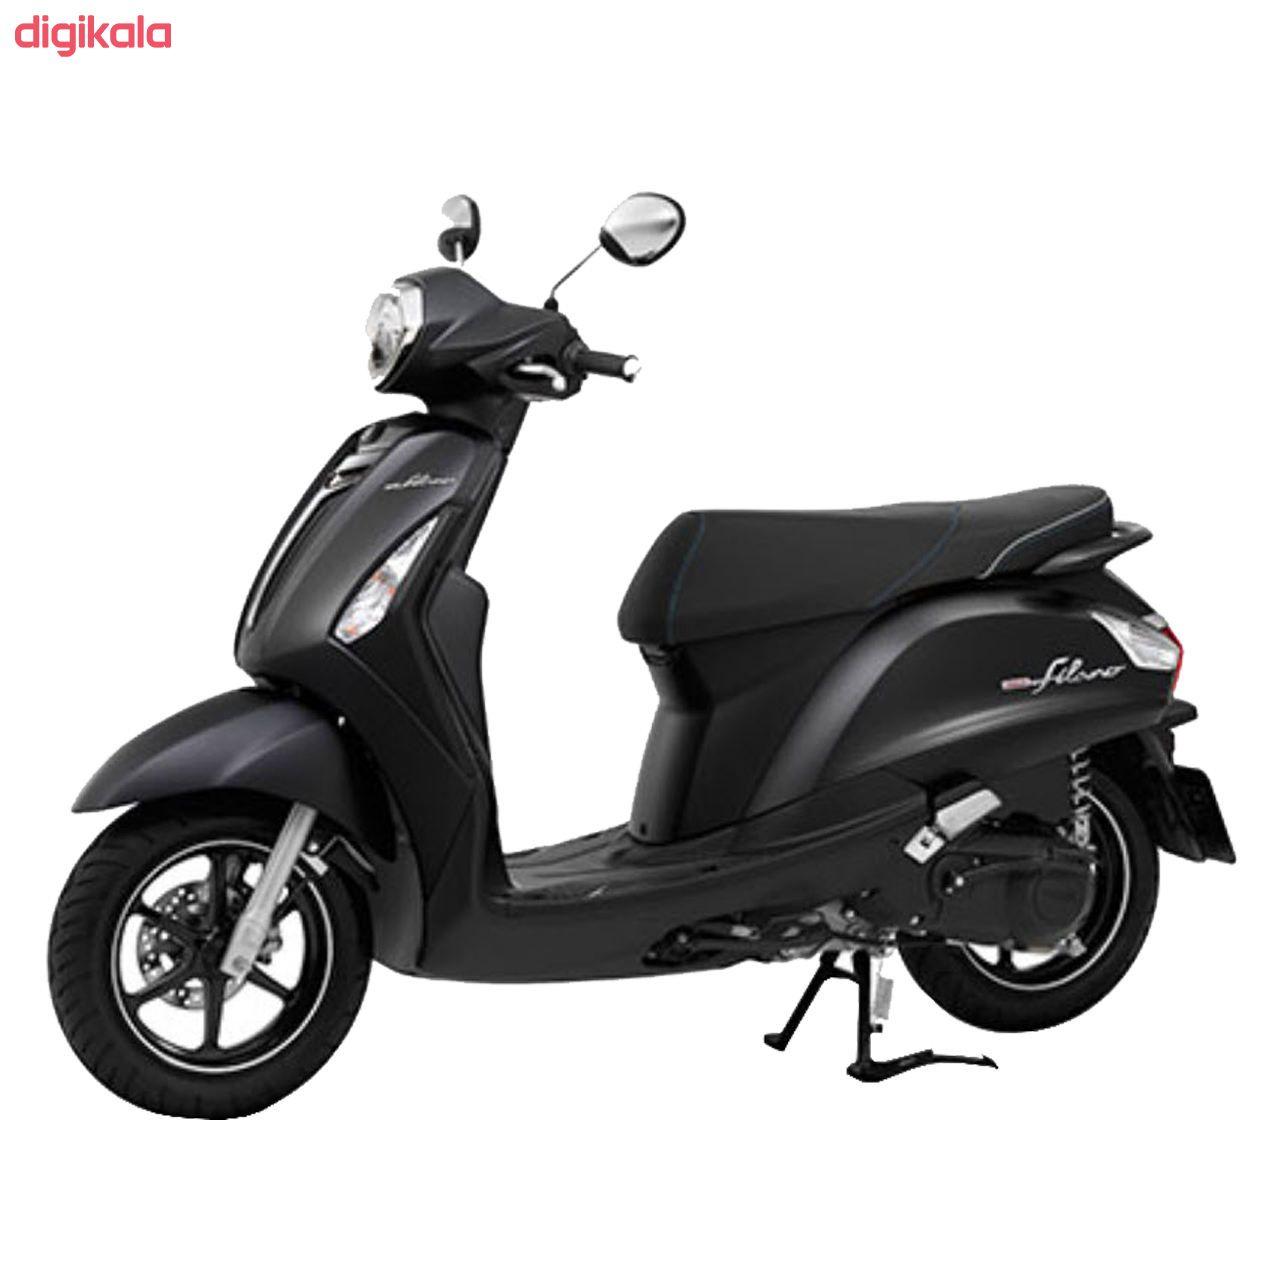 موتورسیکلت یاماها مدل GRAND FILANO ABS حجم 125 سی سی سال 1399 main 1 6